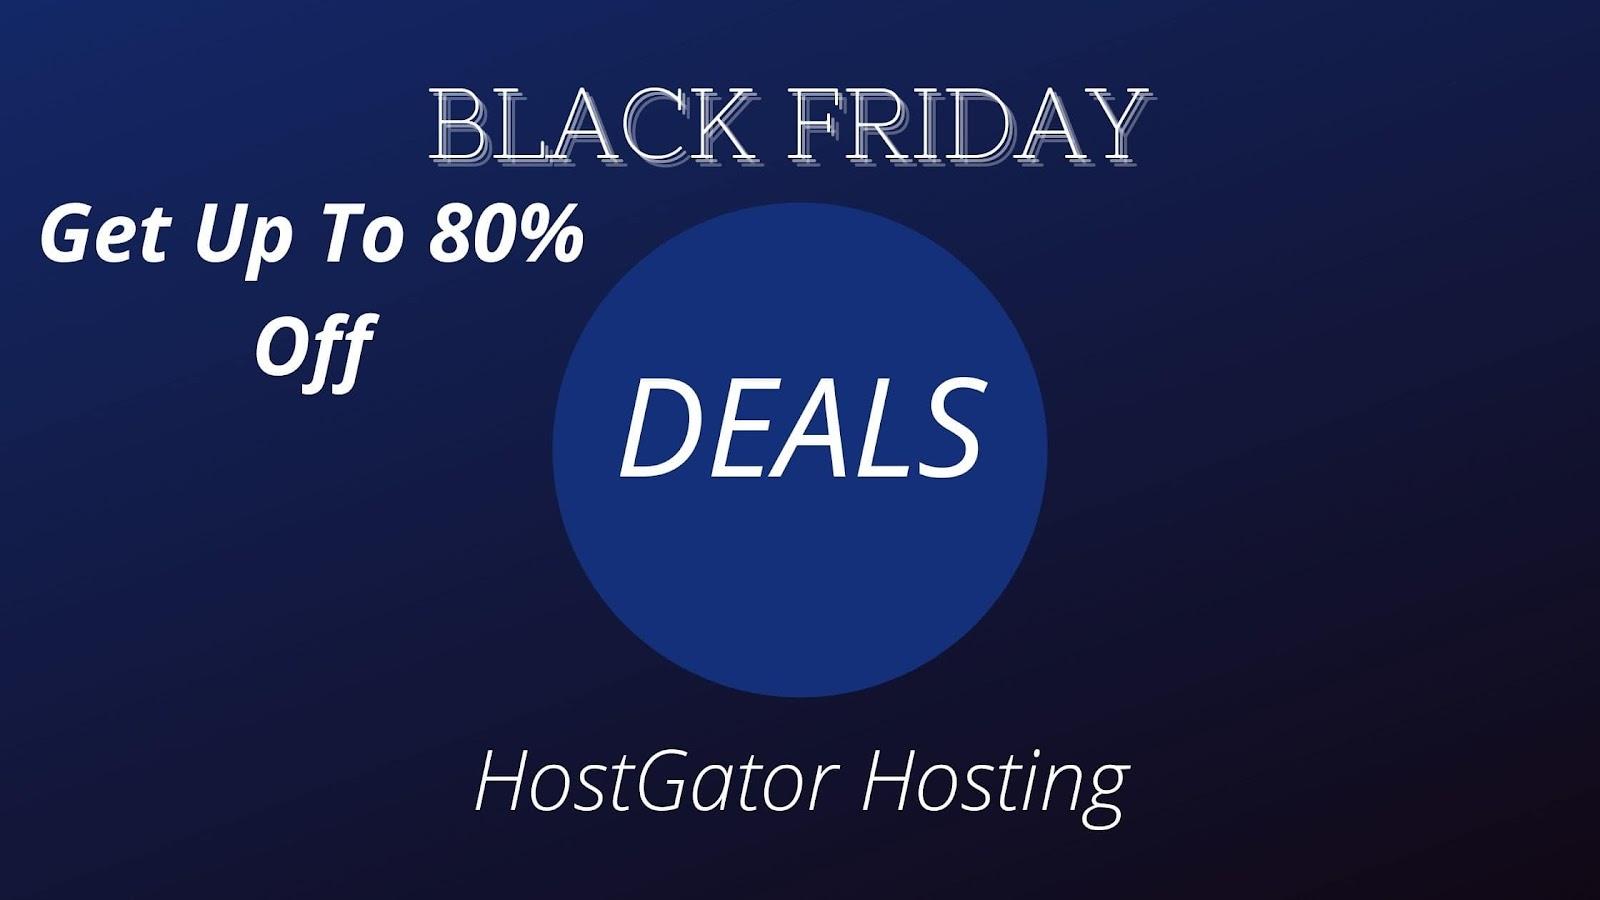 HostGator: Get Up To 80% Off